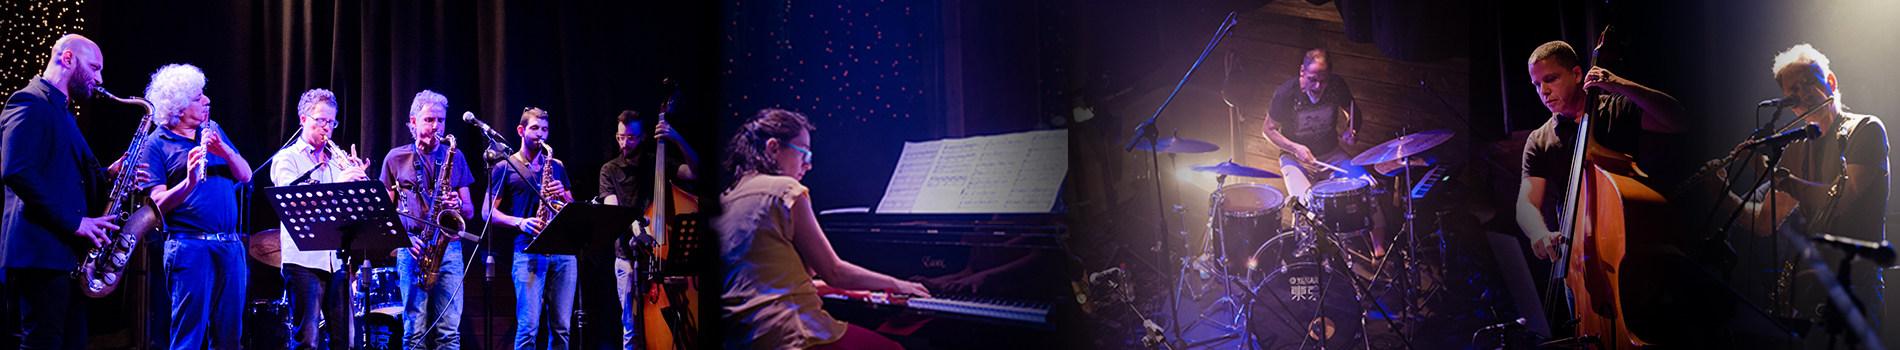 סדרת מופעים מבימת הג'אז של האקדמיה - המחלקה לביצוע ג'אז